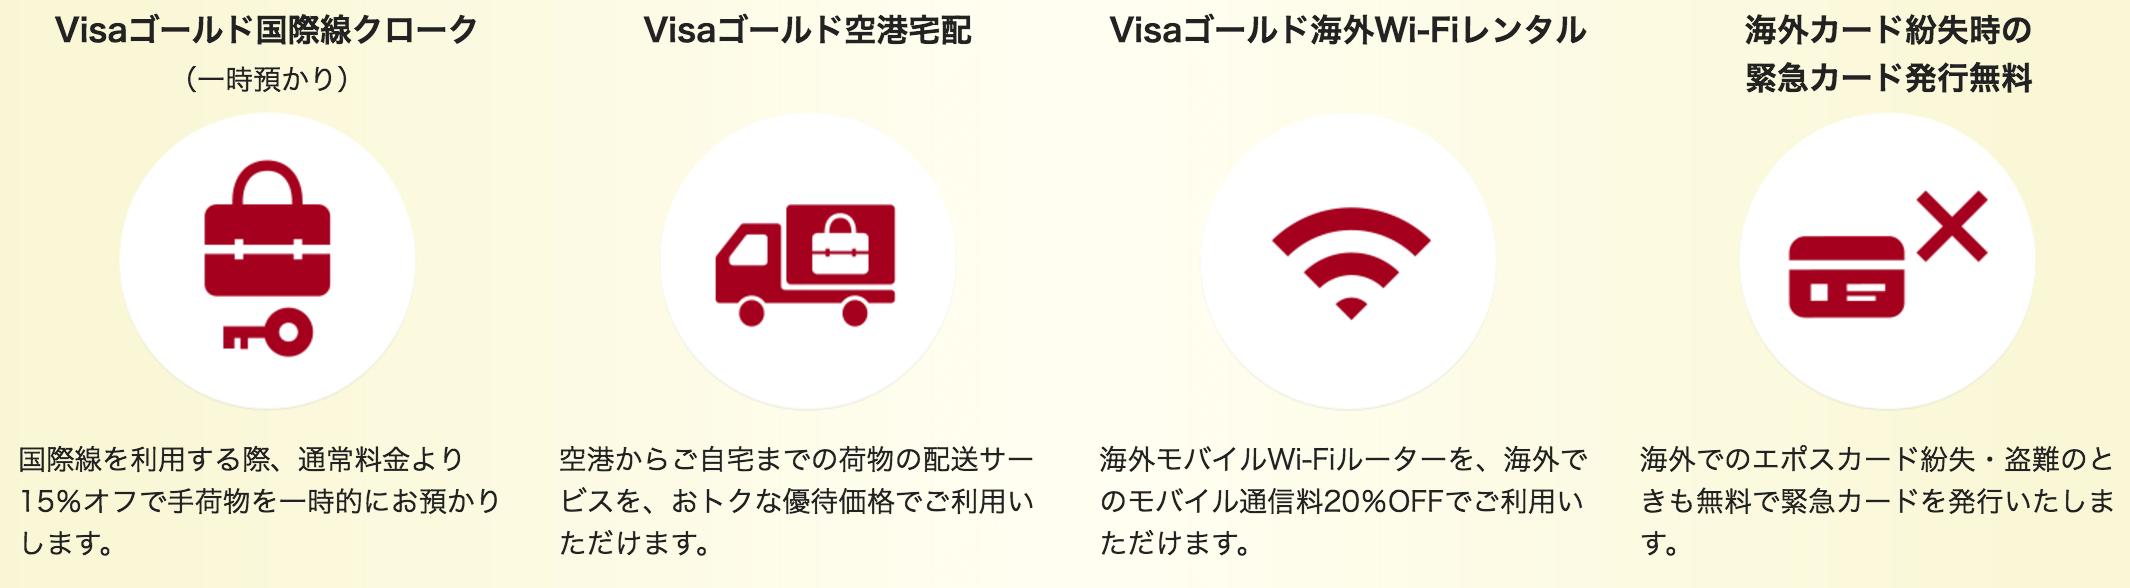 エポスゴールドカード Visaゴールドカード特典